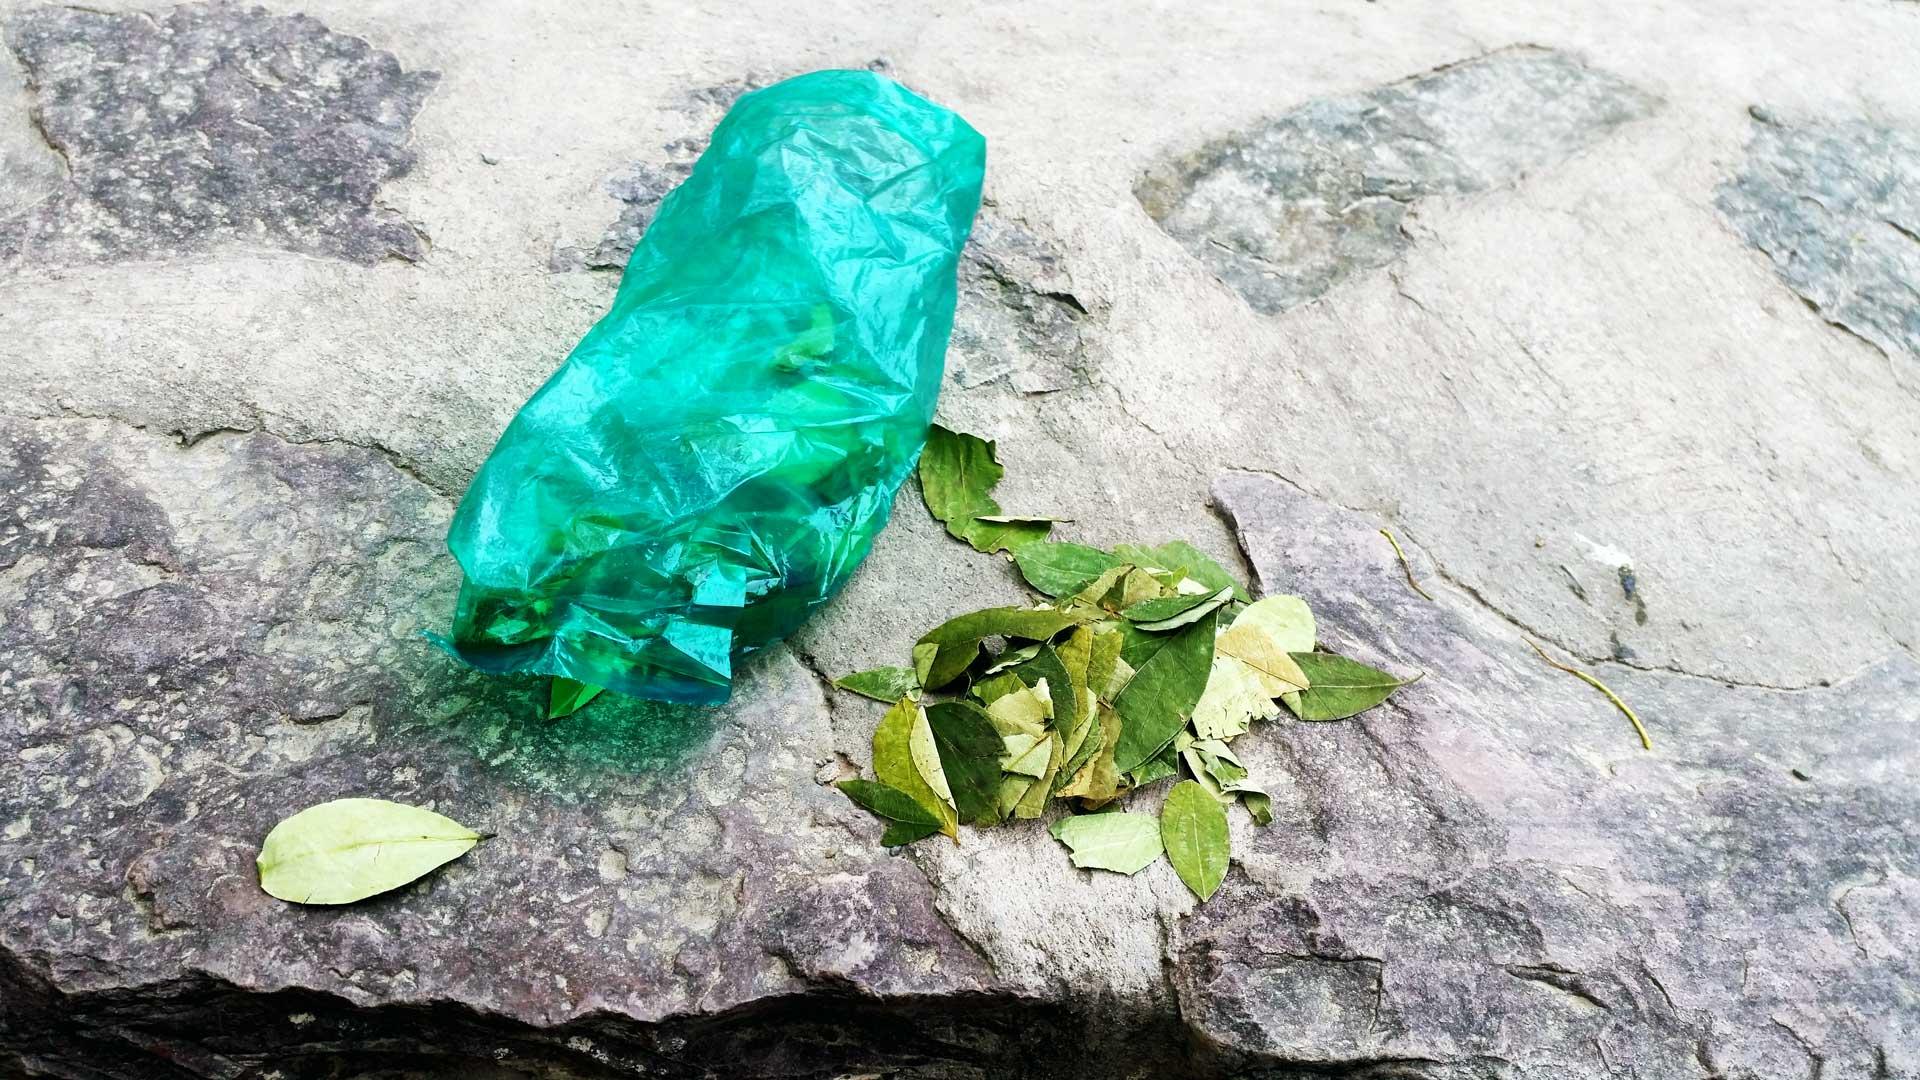 The coca leaves. Photo by Ovidiu Balaj